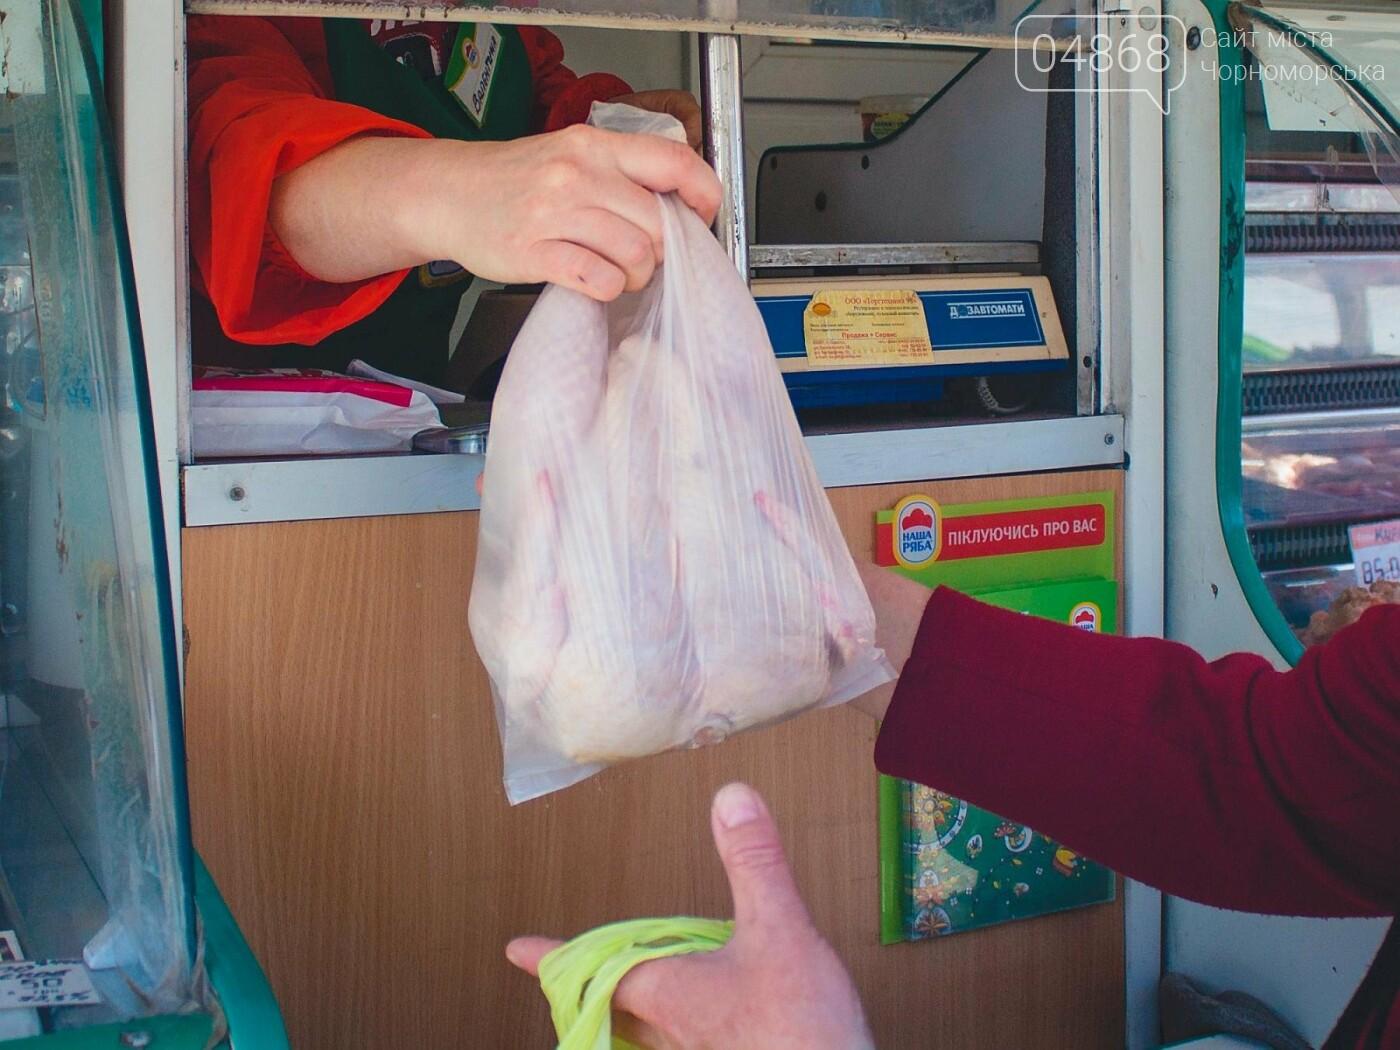 Подопечные Черноморского терцентра бесплатно получают мясную продукцию, фото-4